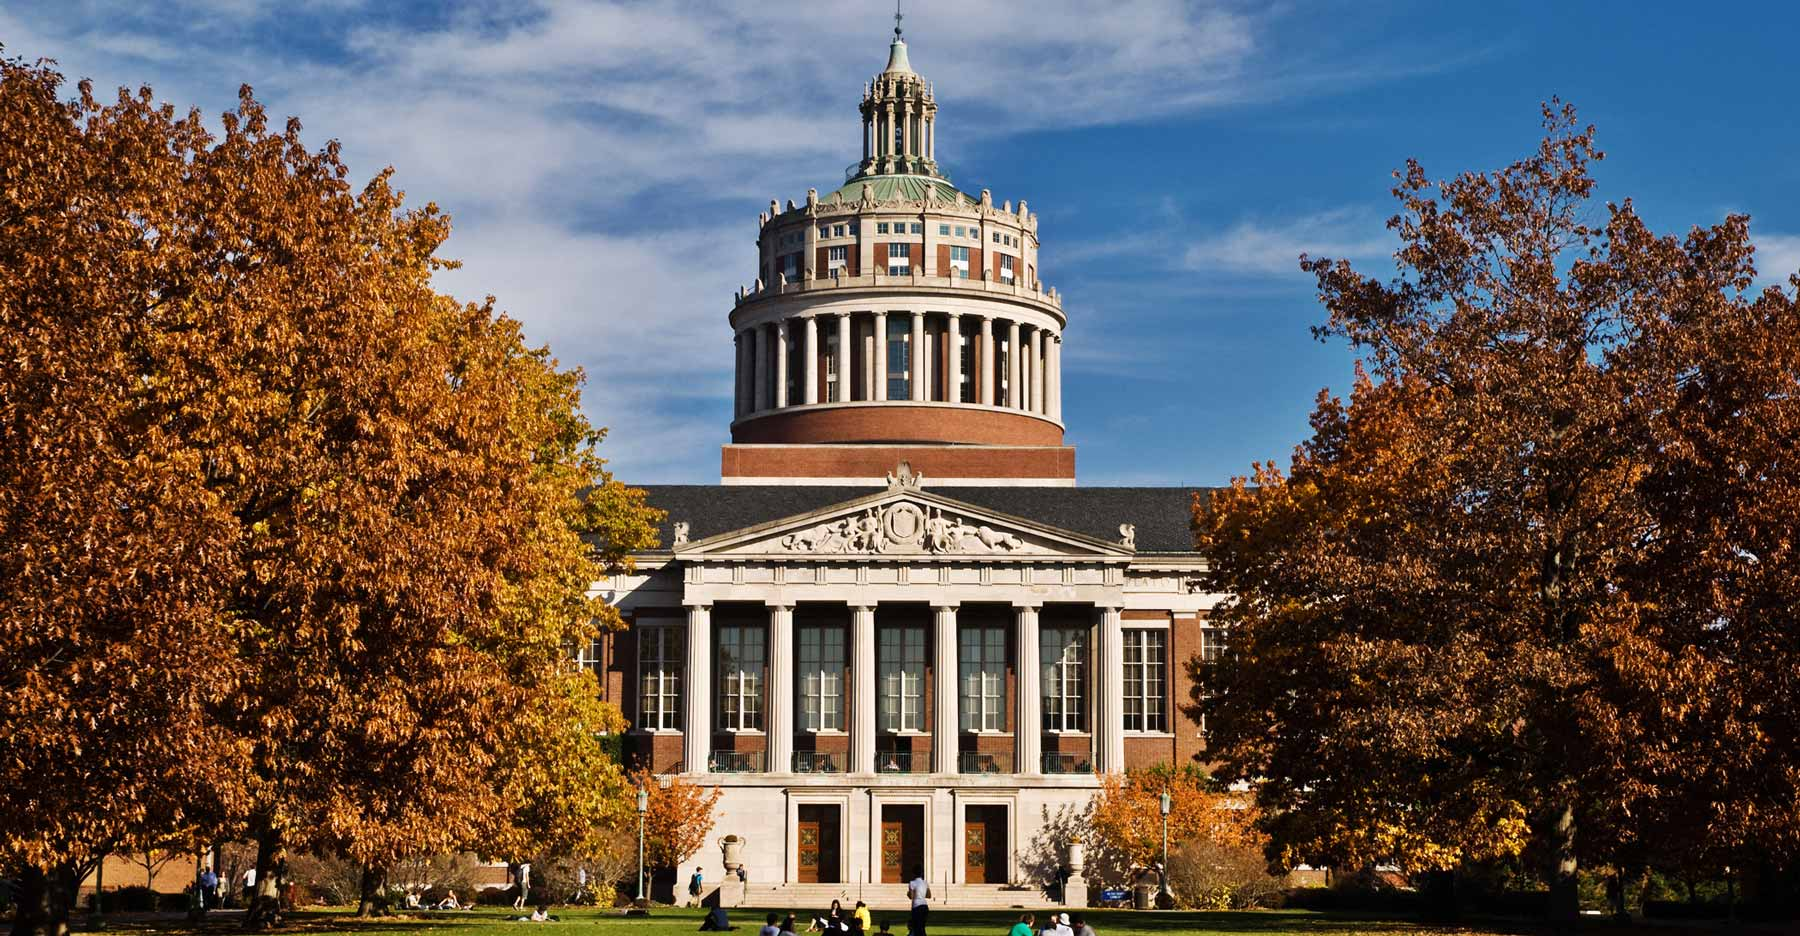 University of Rochester Best Nursing Degrees